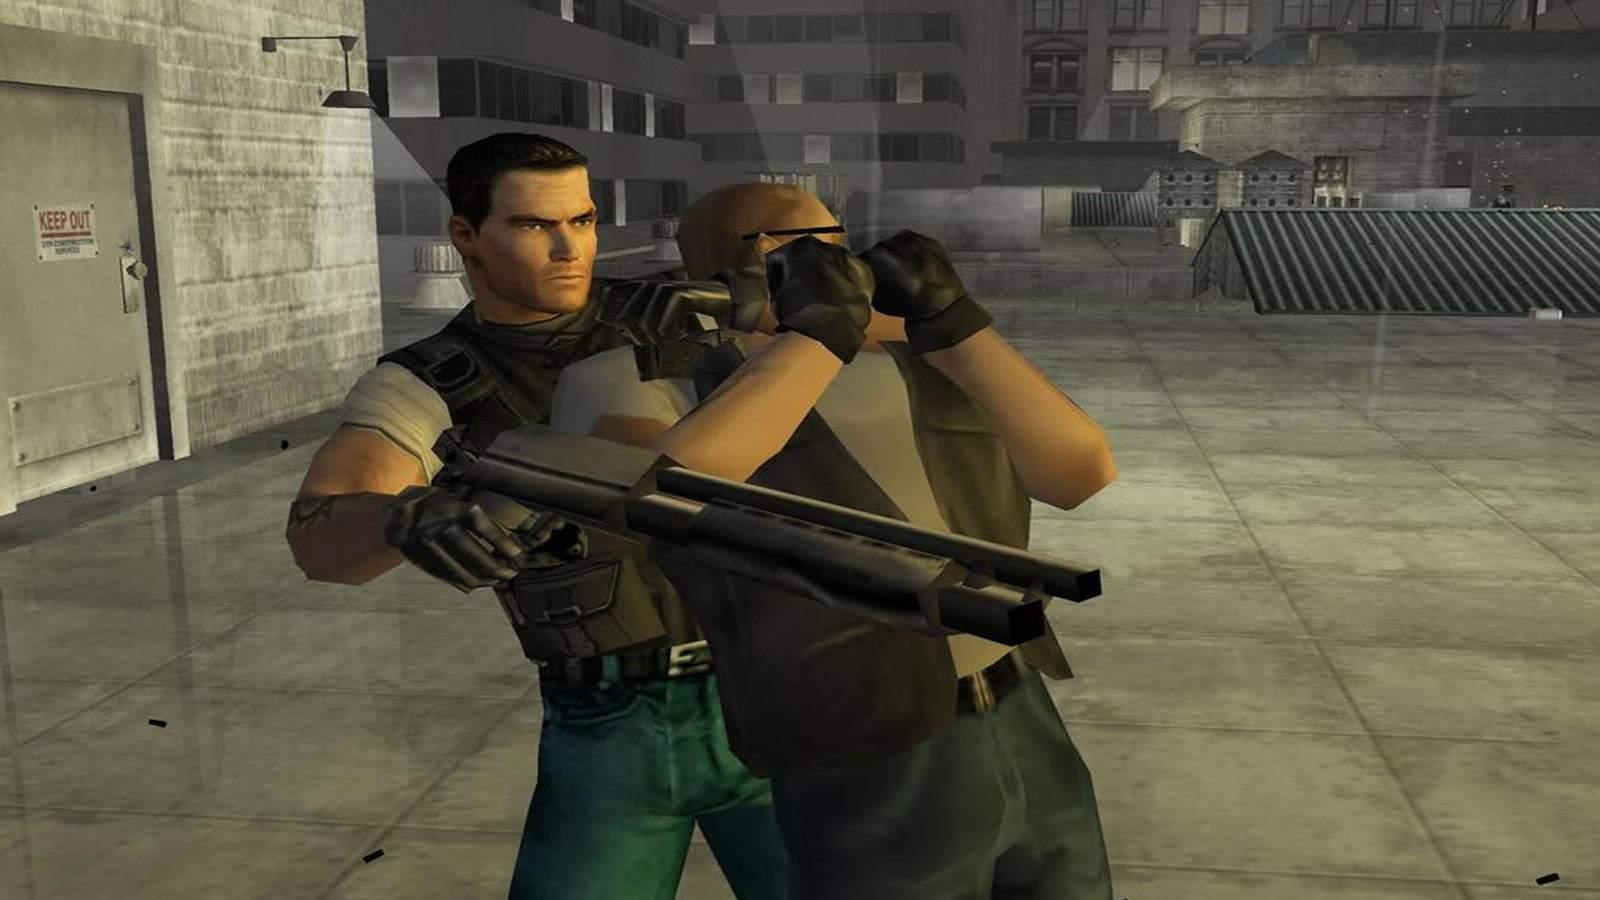 تحميل لعبة Dead To Rights مضغوطة برابط واحد مباشر كاملة مجانا